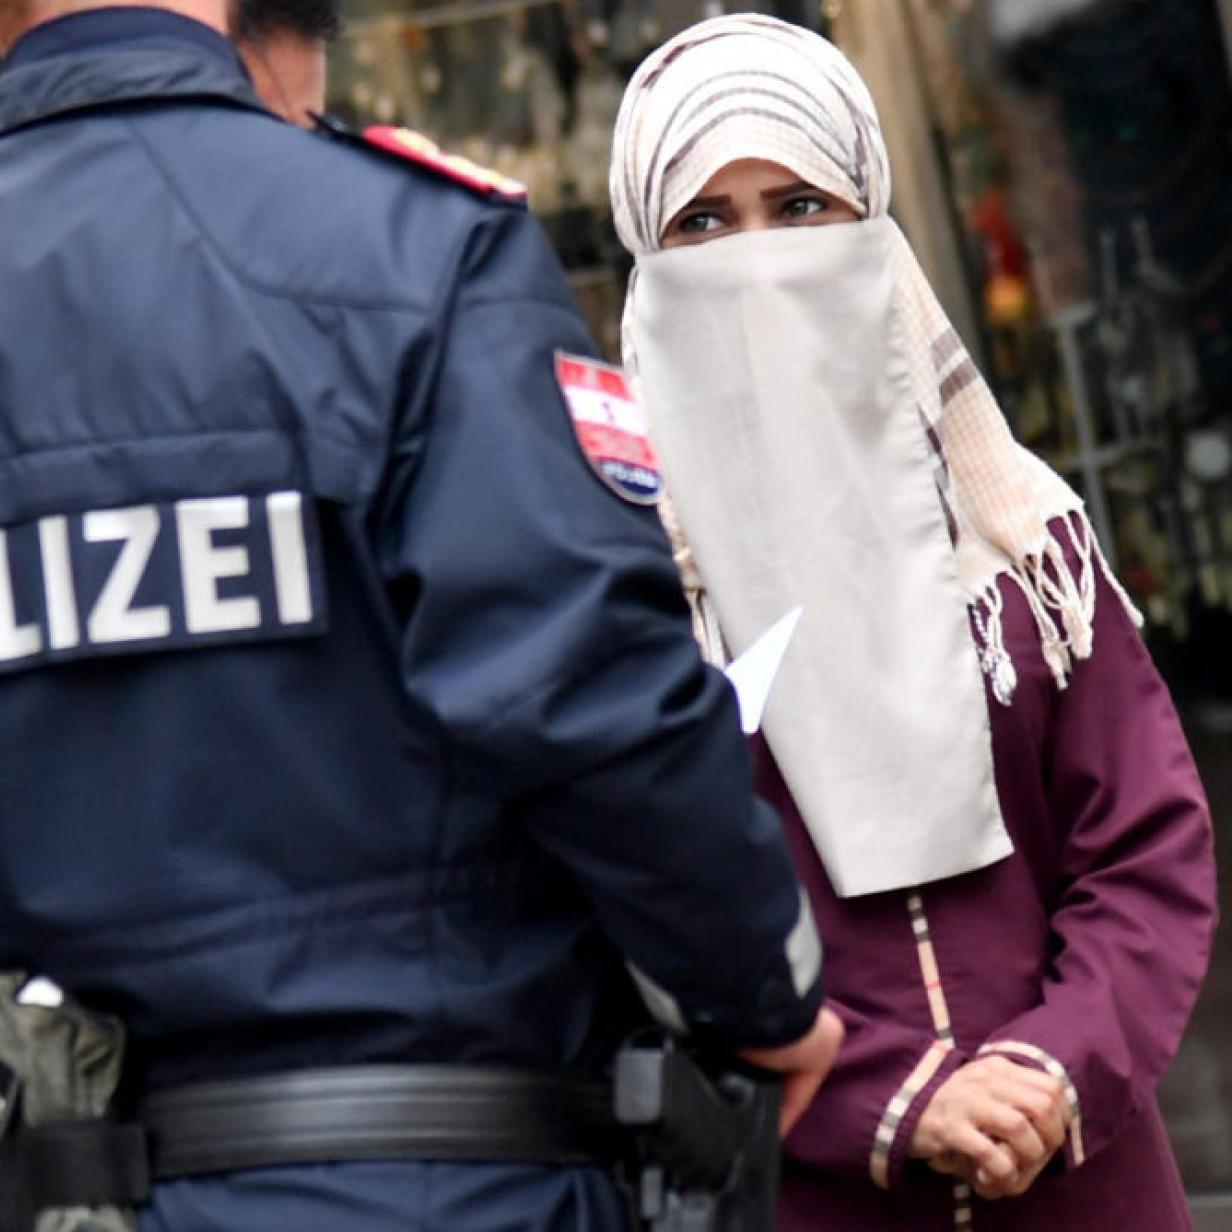 Burkaverbot: Rekord an Strafen in Salzburger Urlaubsort